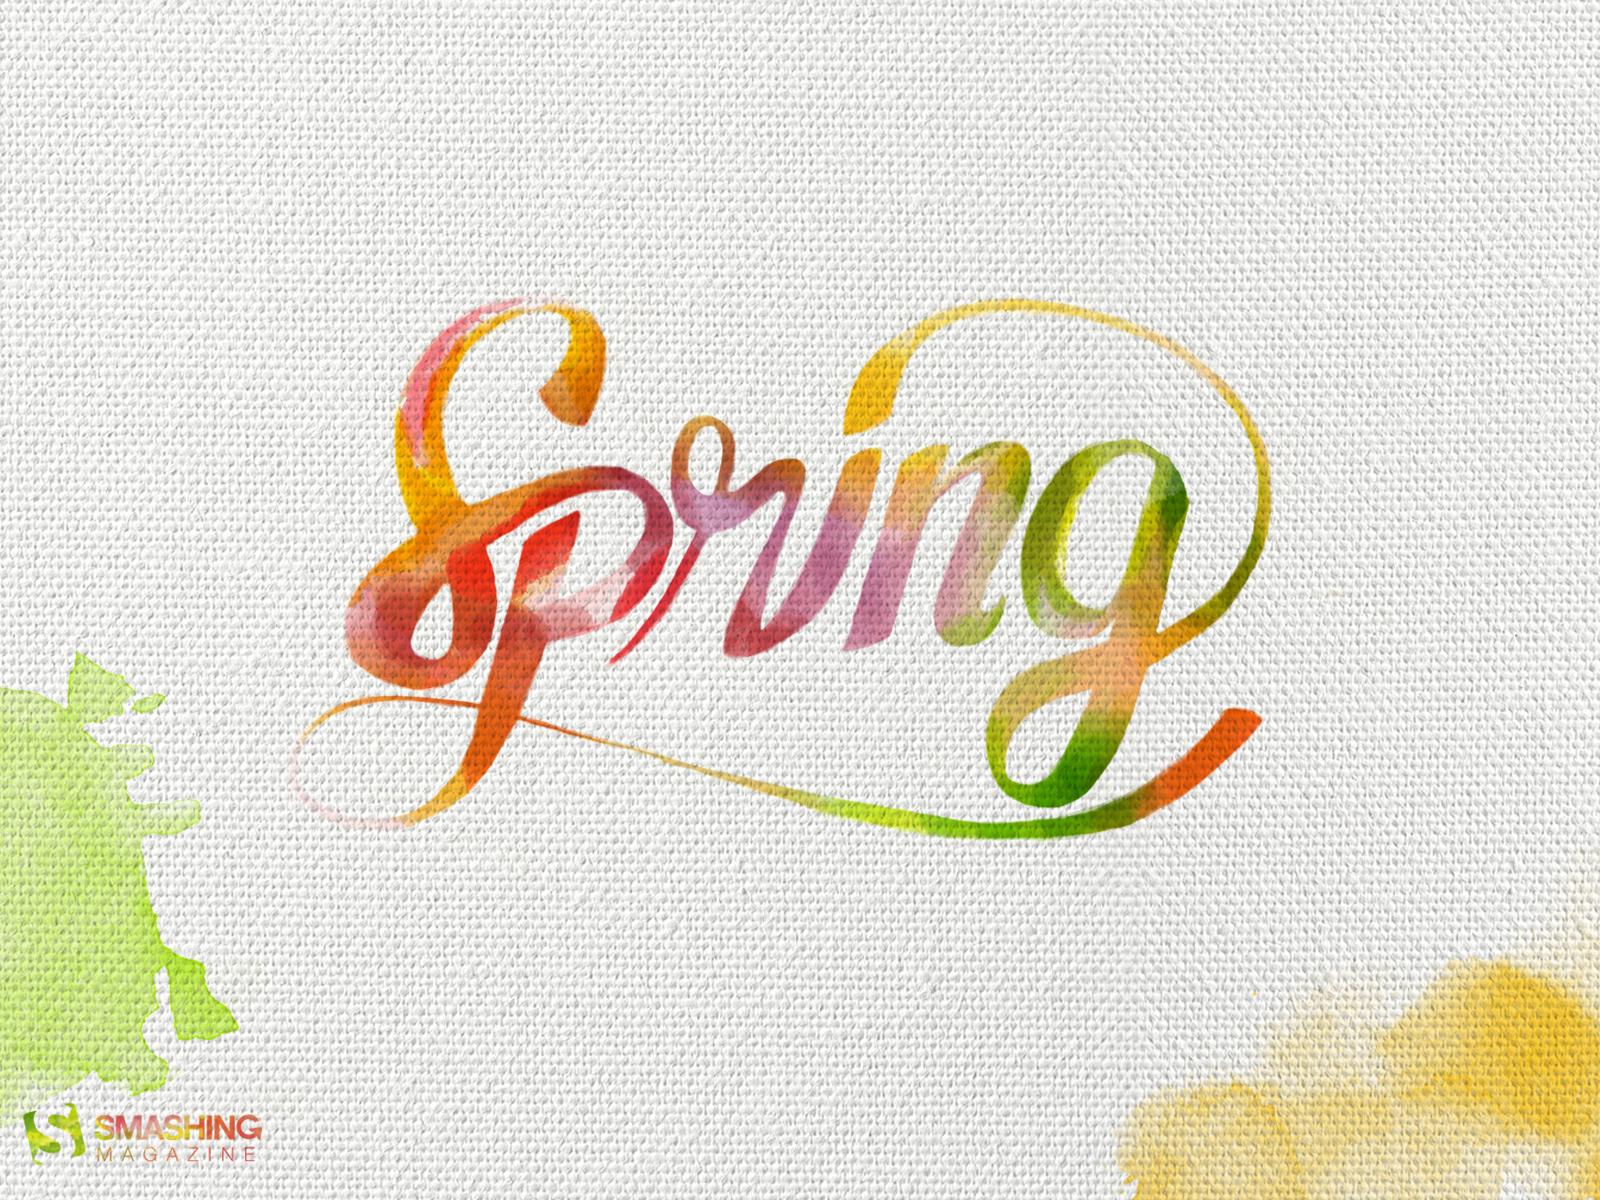 Desktop Calendar April 2016 desktop wallpaper calendars: april 2015 - print2web